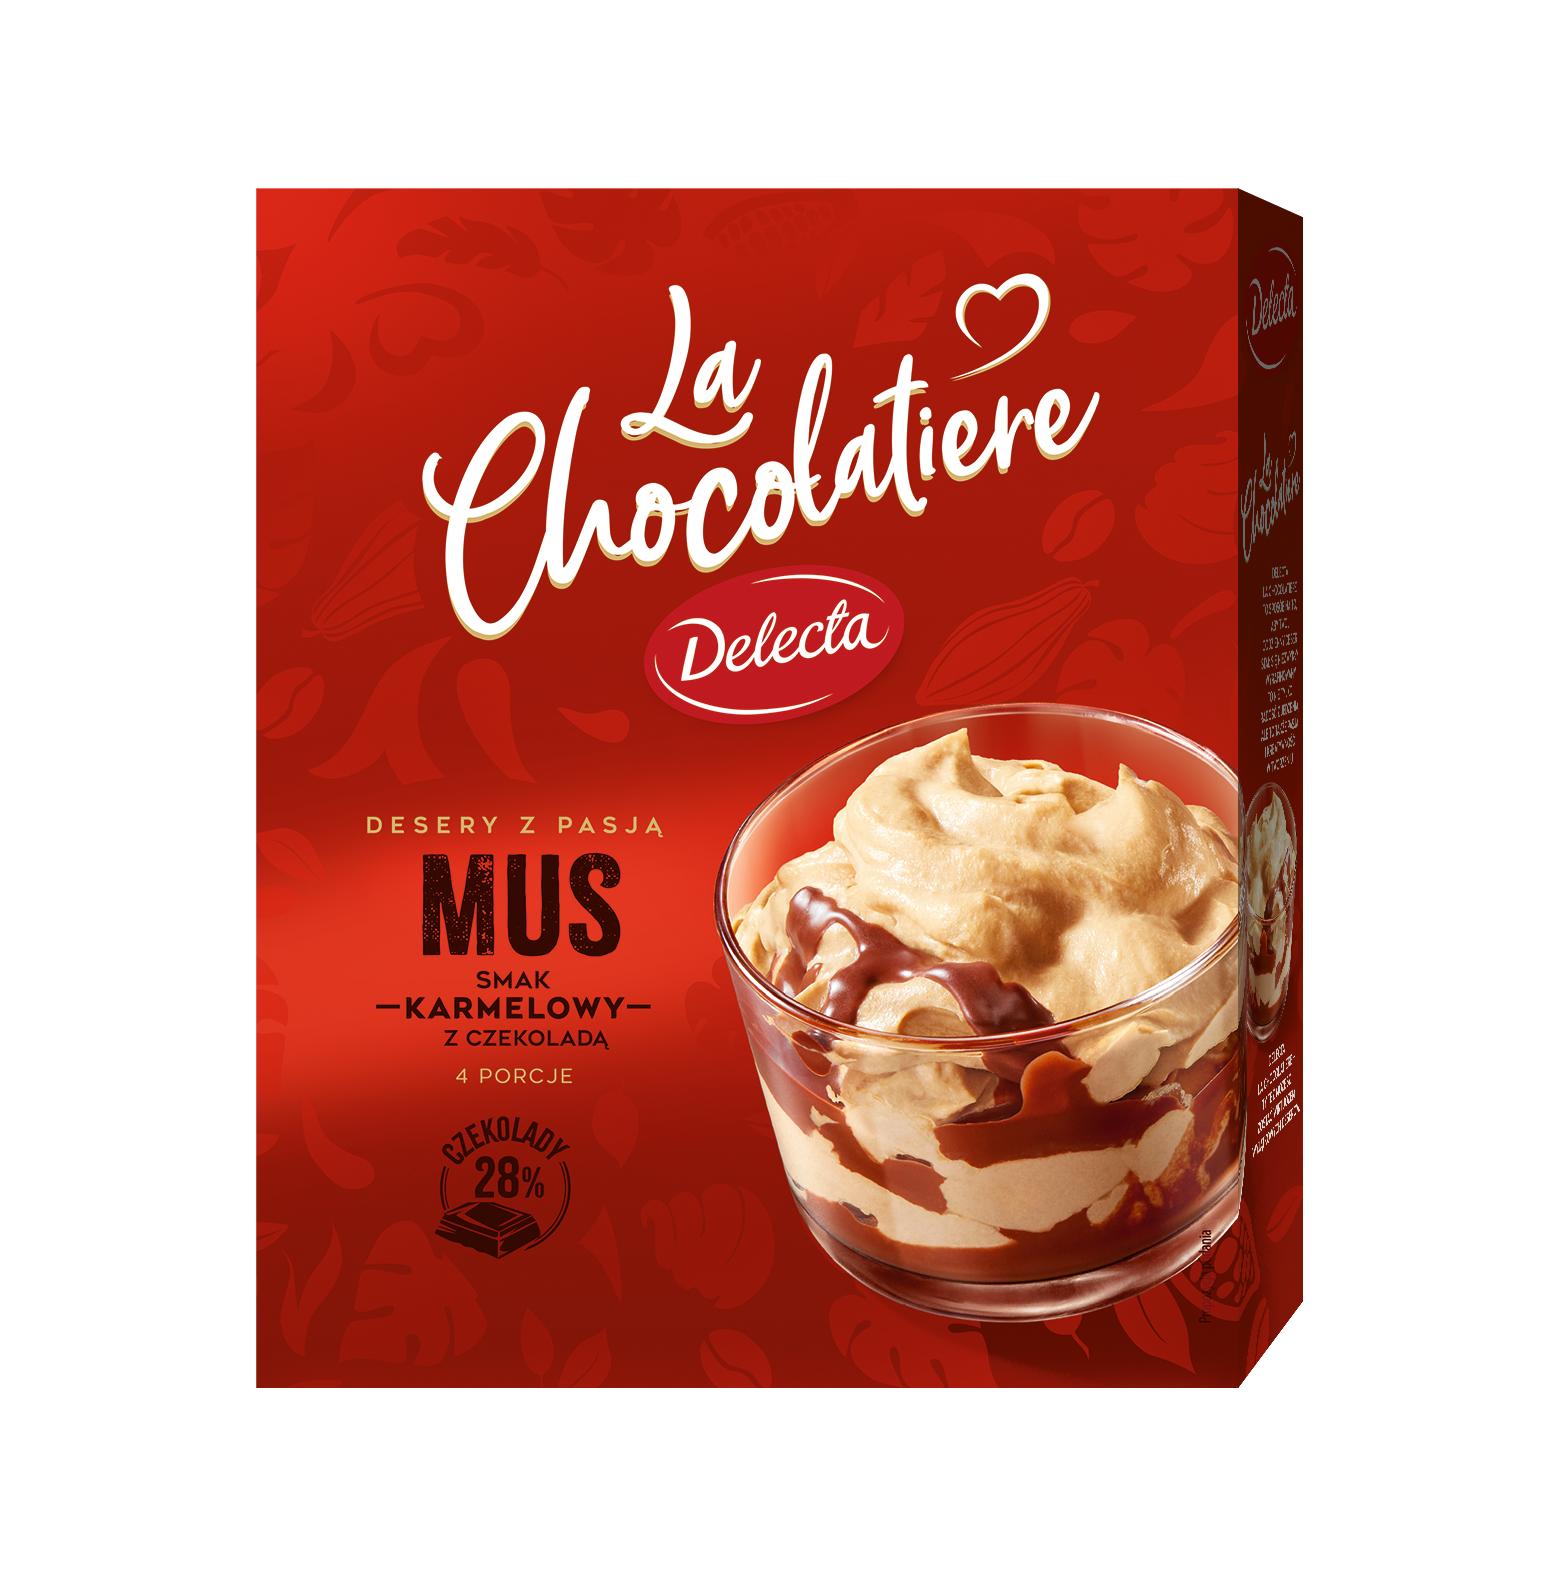 LaChocolatiere_Mus smak karmelowy z czekolada